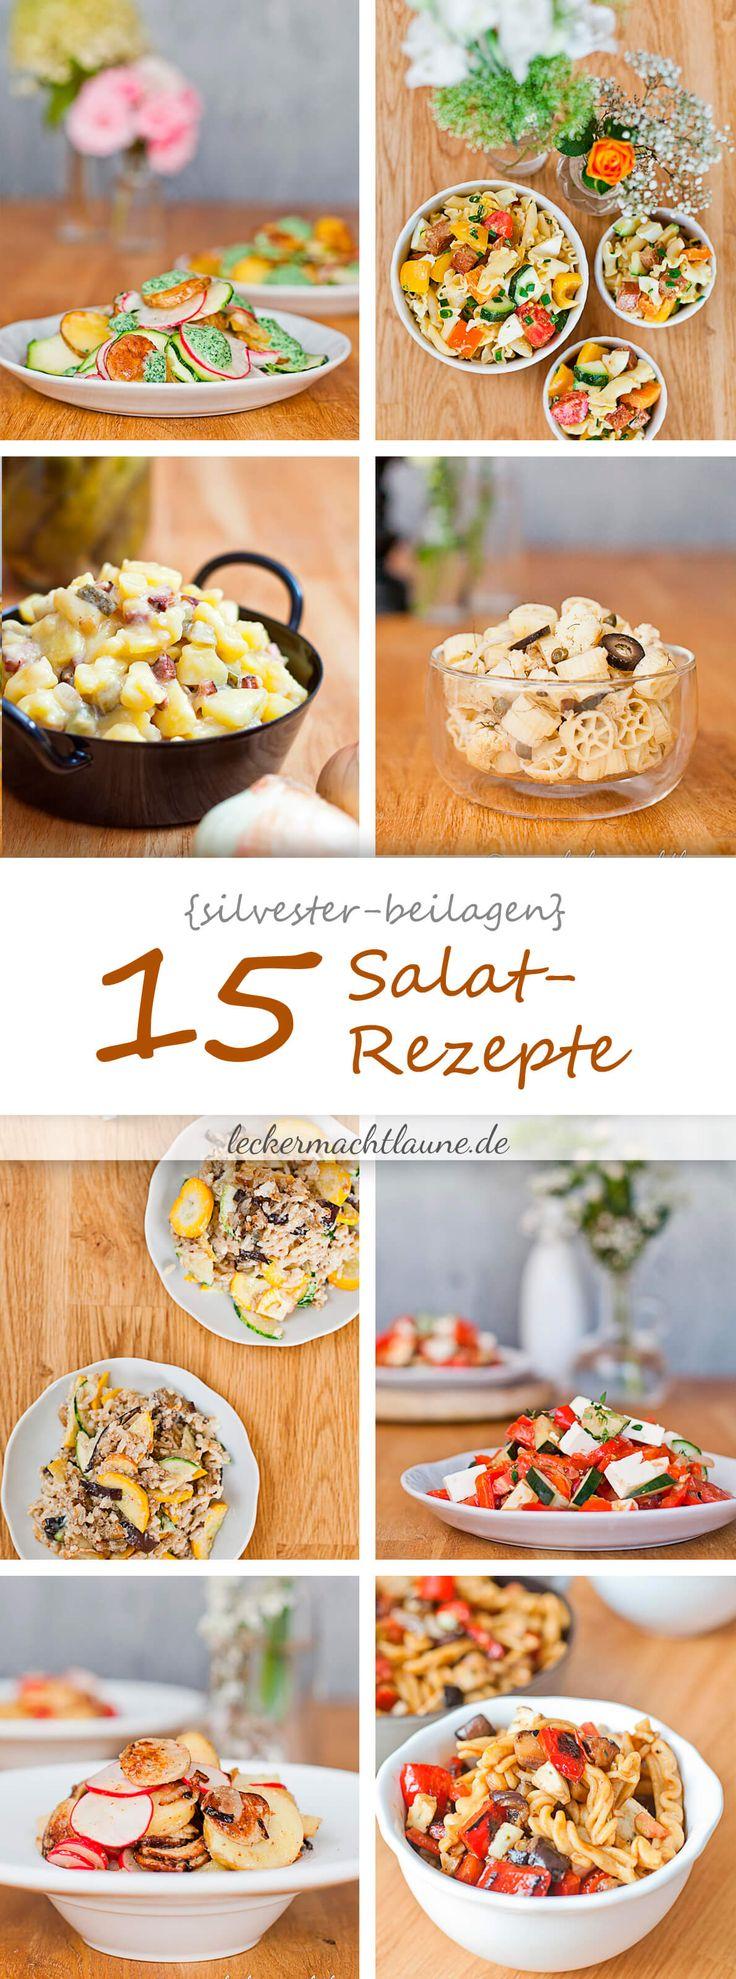 Heute habe ich eine kleine leckere Zusammenfassung zum Thema Salat-Rezepte für Euch, denn Silvester kommt mit großen Schritten auf uns zu.